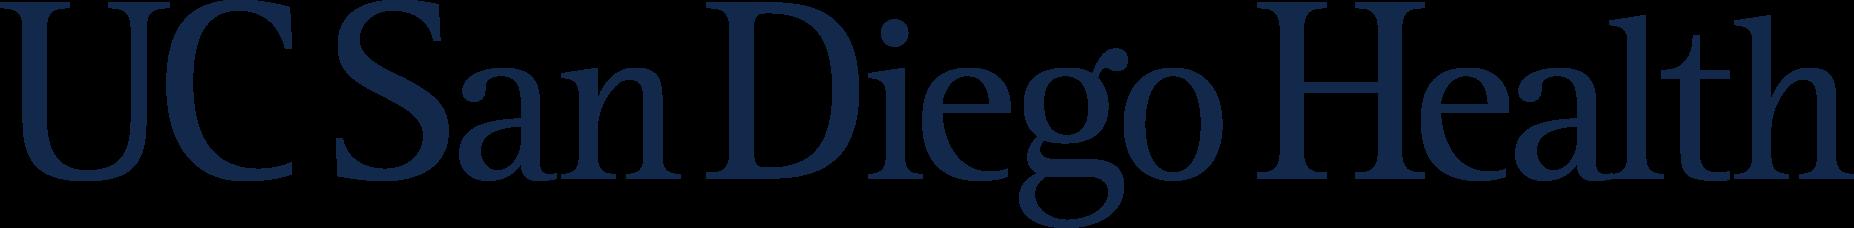 UC San Diego Health